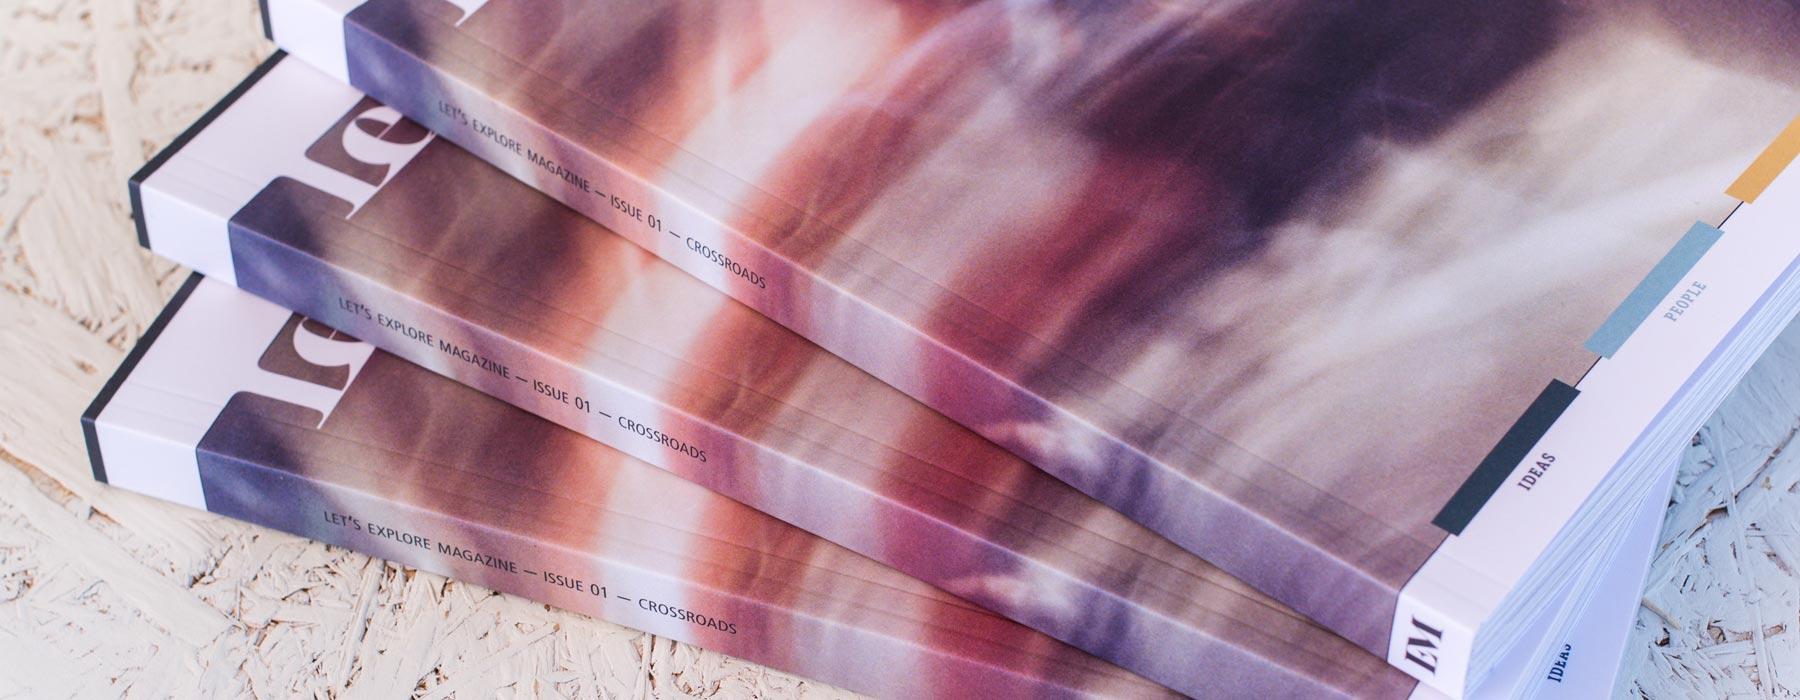 Let's Explore Magazine Sandeep Sumac Rituals